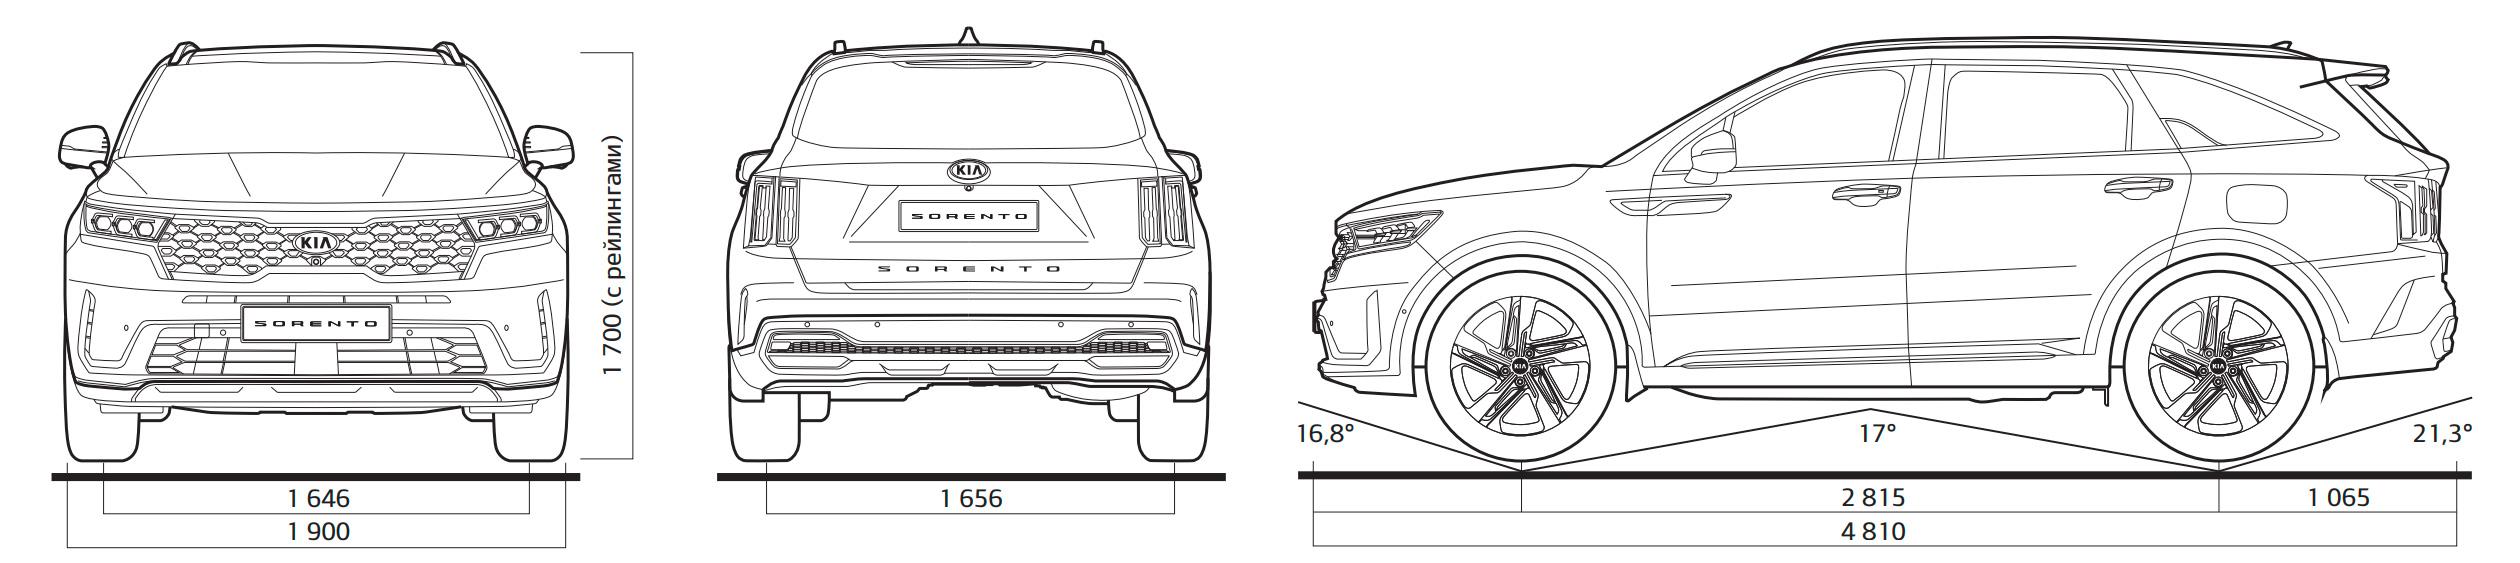 КИА Соренто 2021-2020 технические характеристики, габаритные размеры KIA Sorento 4